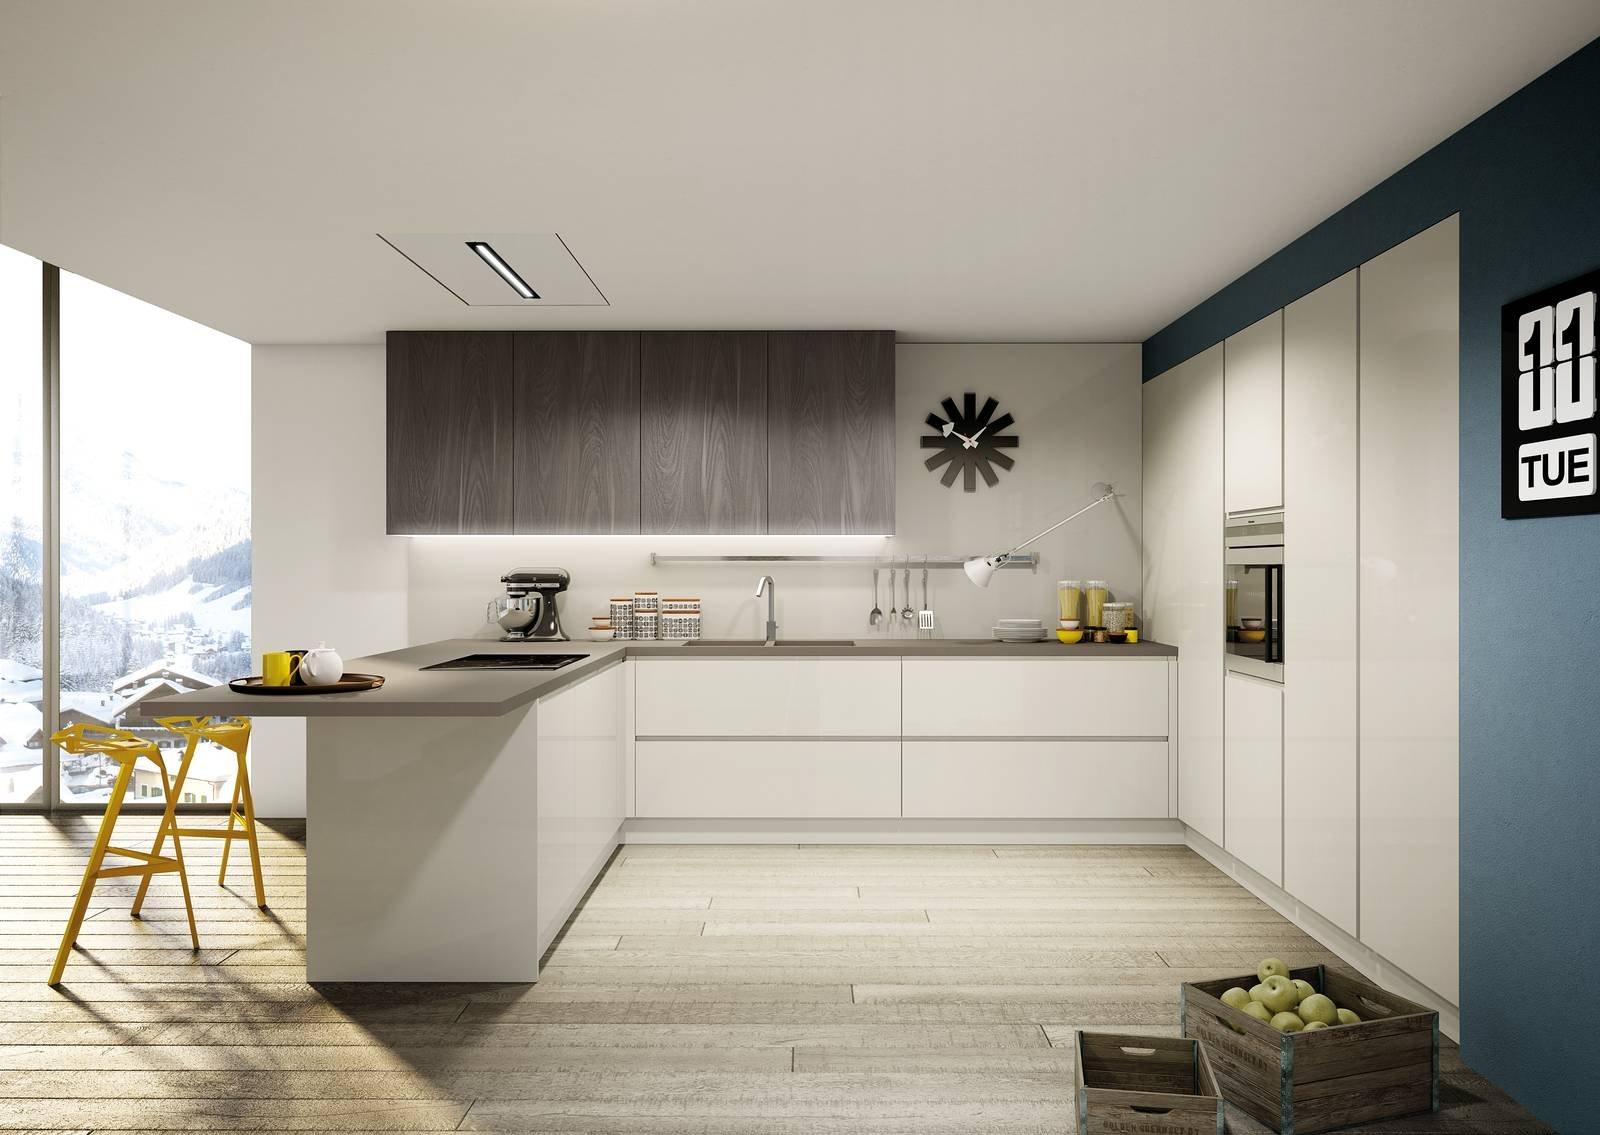 La cucina a u raccolta ergonomica funzionale cose di casa - Design cucine moderne ...